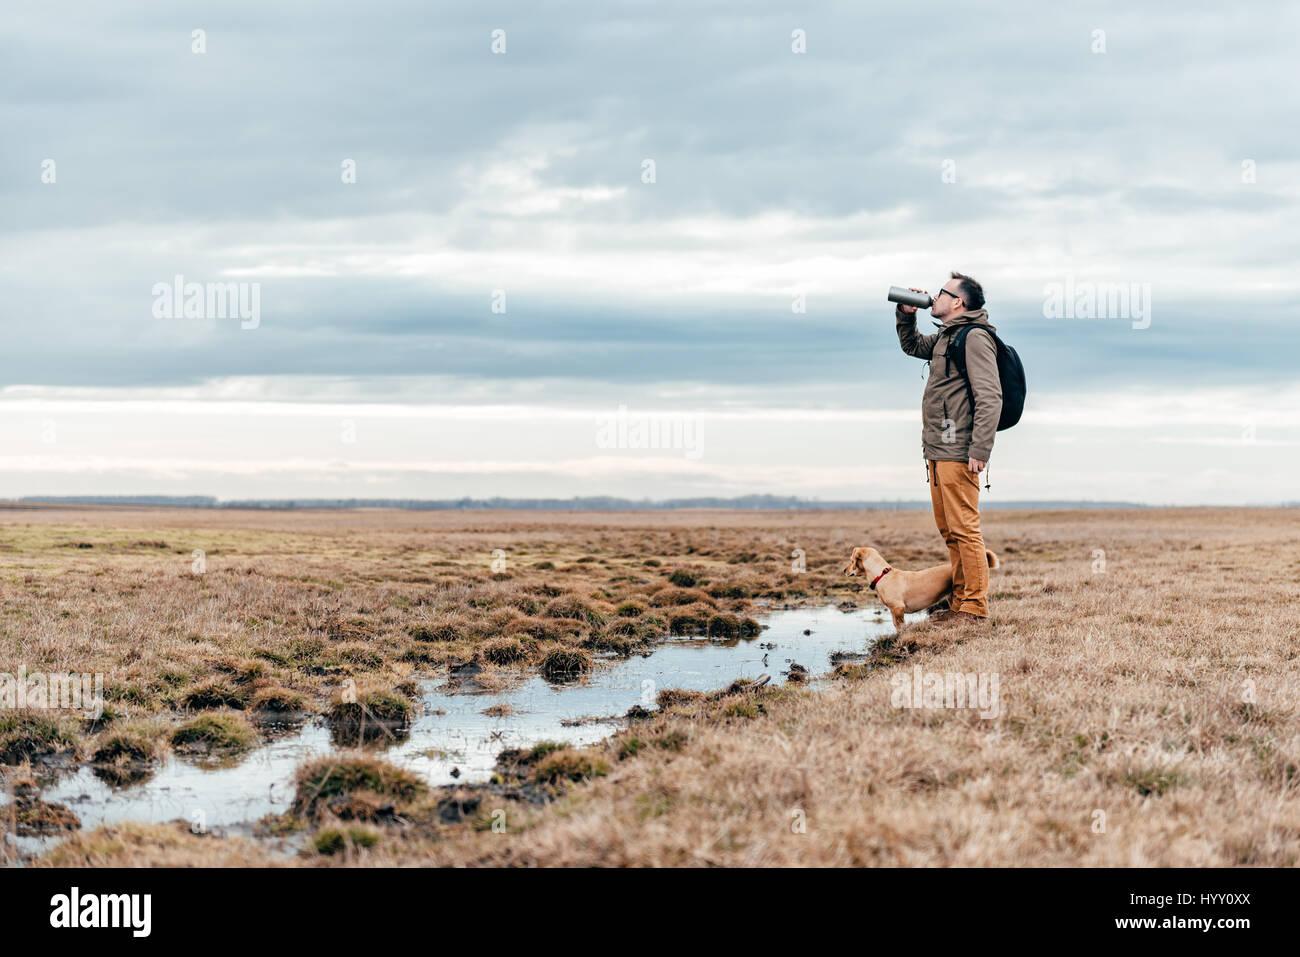 Randonneur et chien de prairie de l'étang dans un jour nuageux et l'eau potable Photo Stock